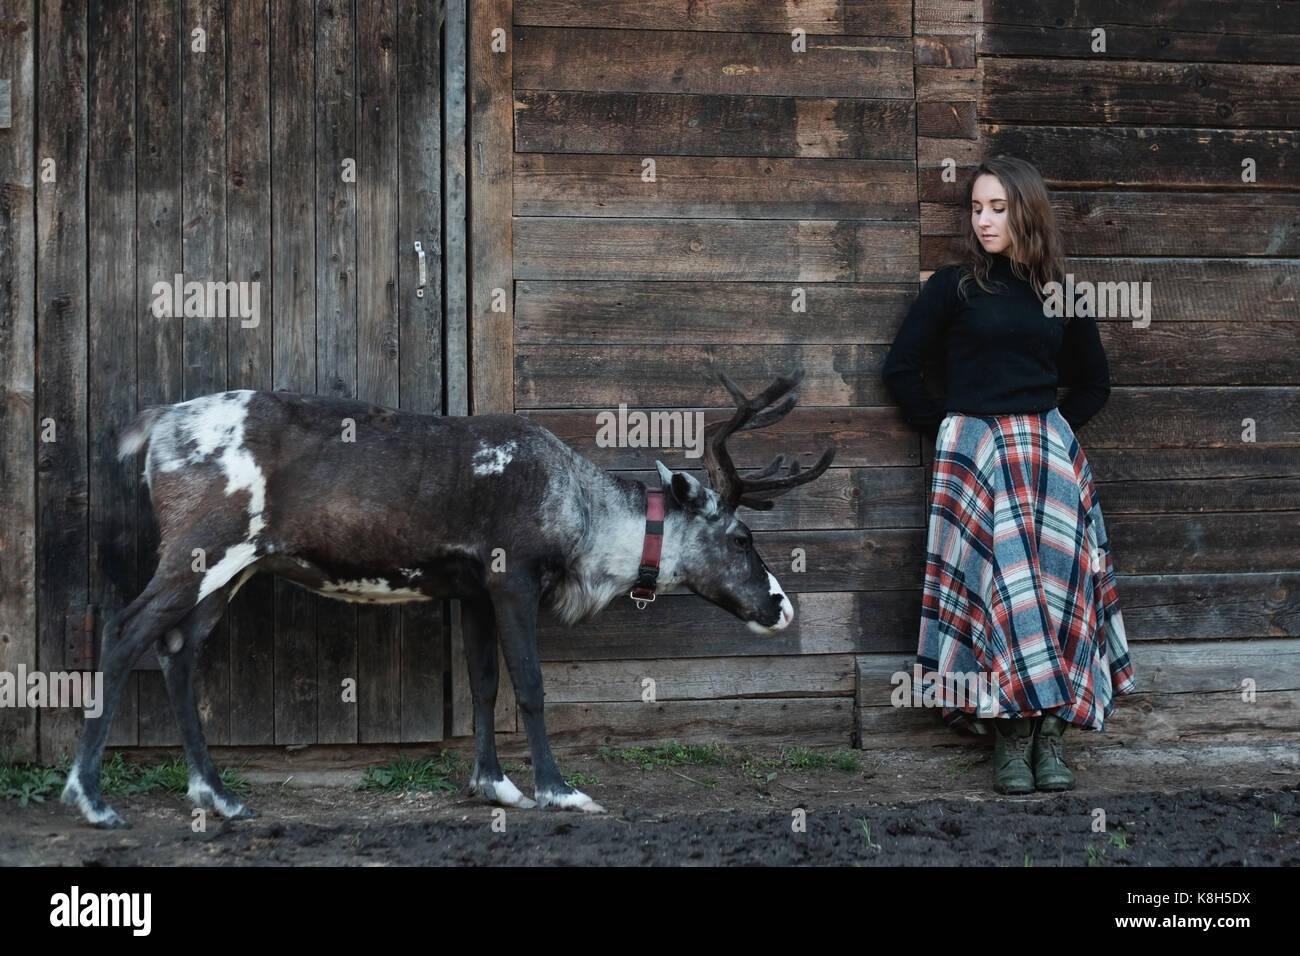 Una joven europea en un plaid falda está de pie junto a los renos cerca de una pared de madera. Imagen De Stock